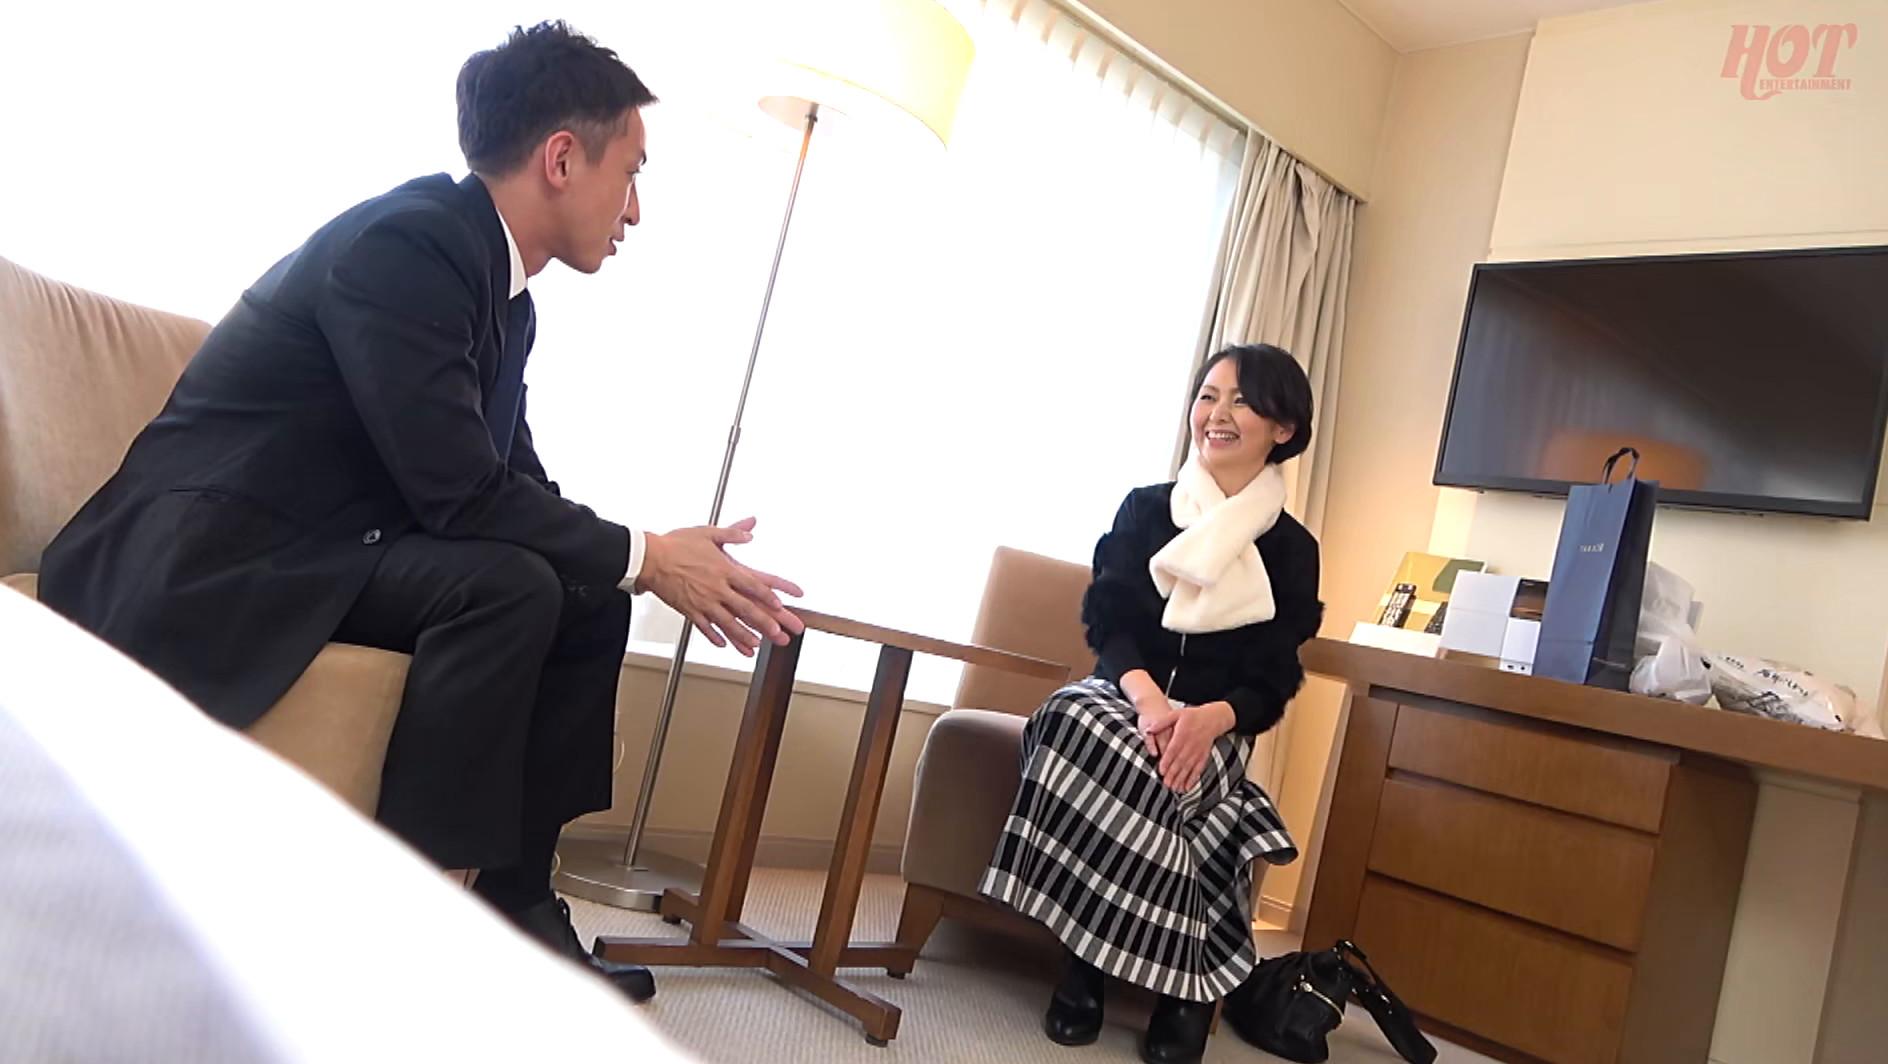 素敵な婦人 息子に会いに上京したはずなのに・・・イケメンナンパ師のテクにメロメロ 光代さん49歳 画像6